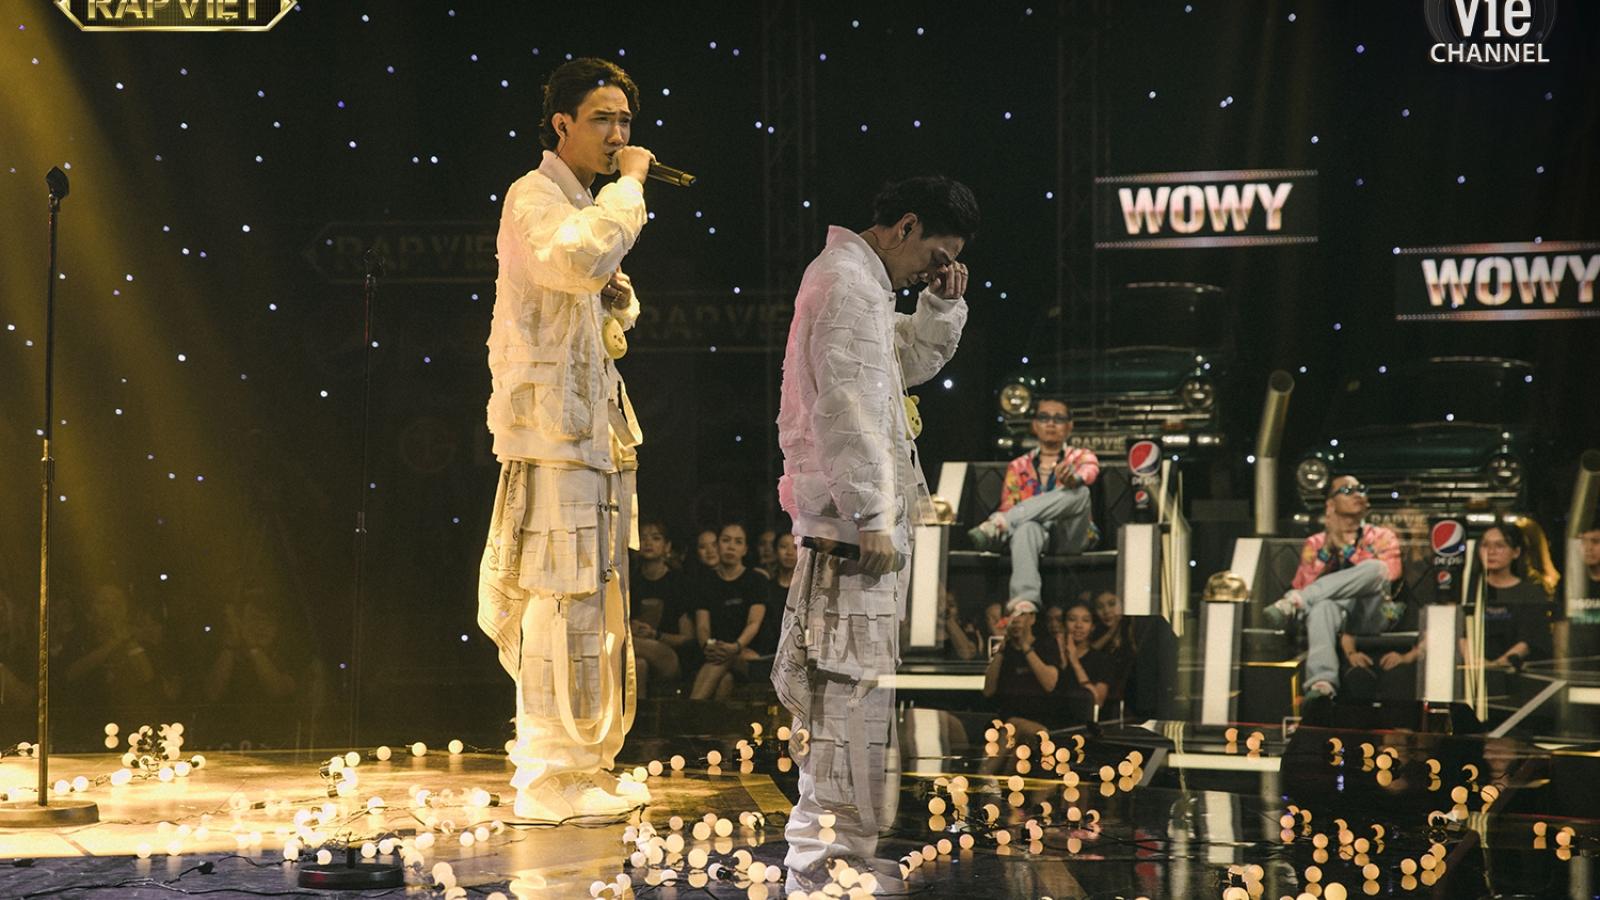 RPT Gonzo khiến Trấn Thành khóc nghẹn khi rap về miền Trung trong Chung kết Rap Việt